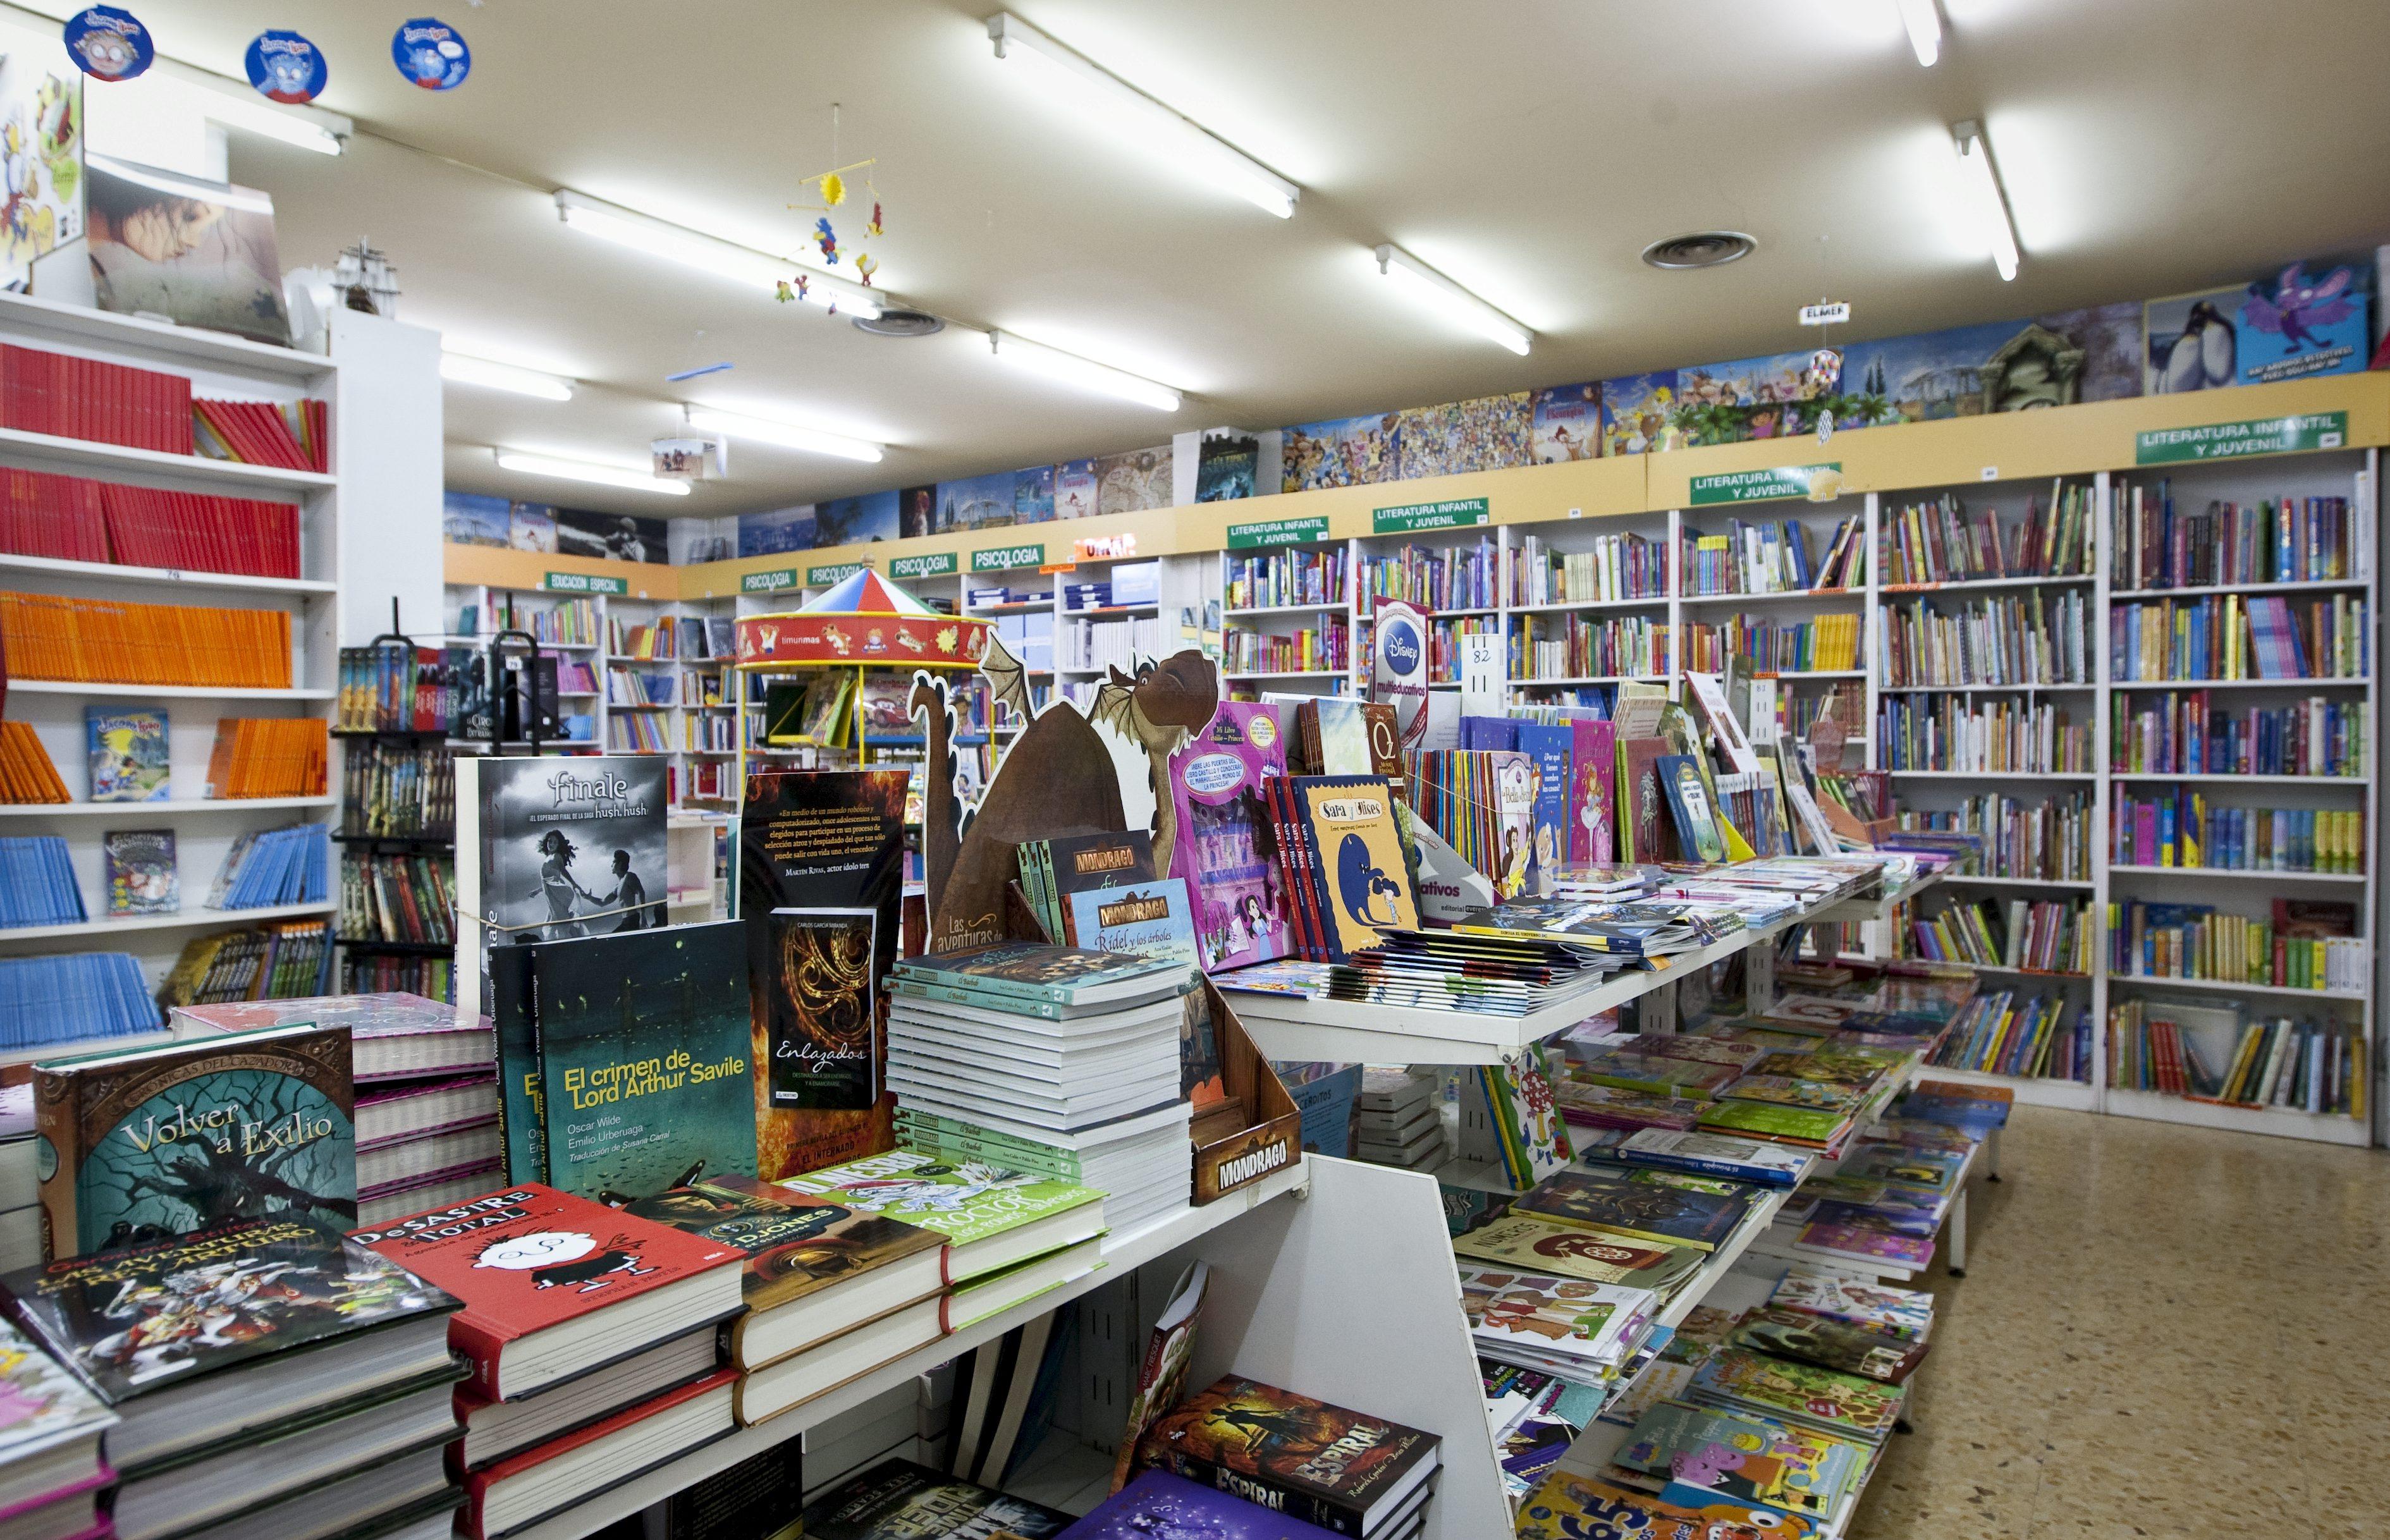 Librería Central S.A.